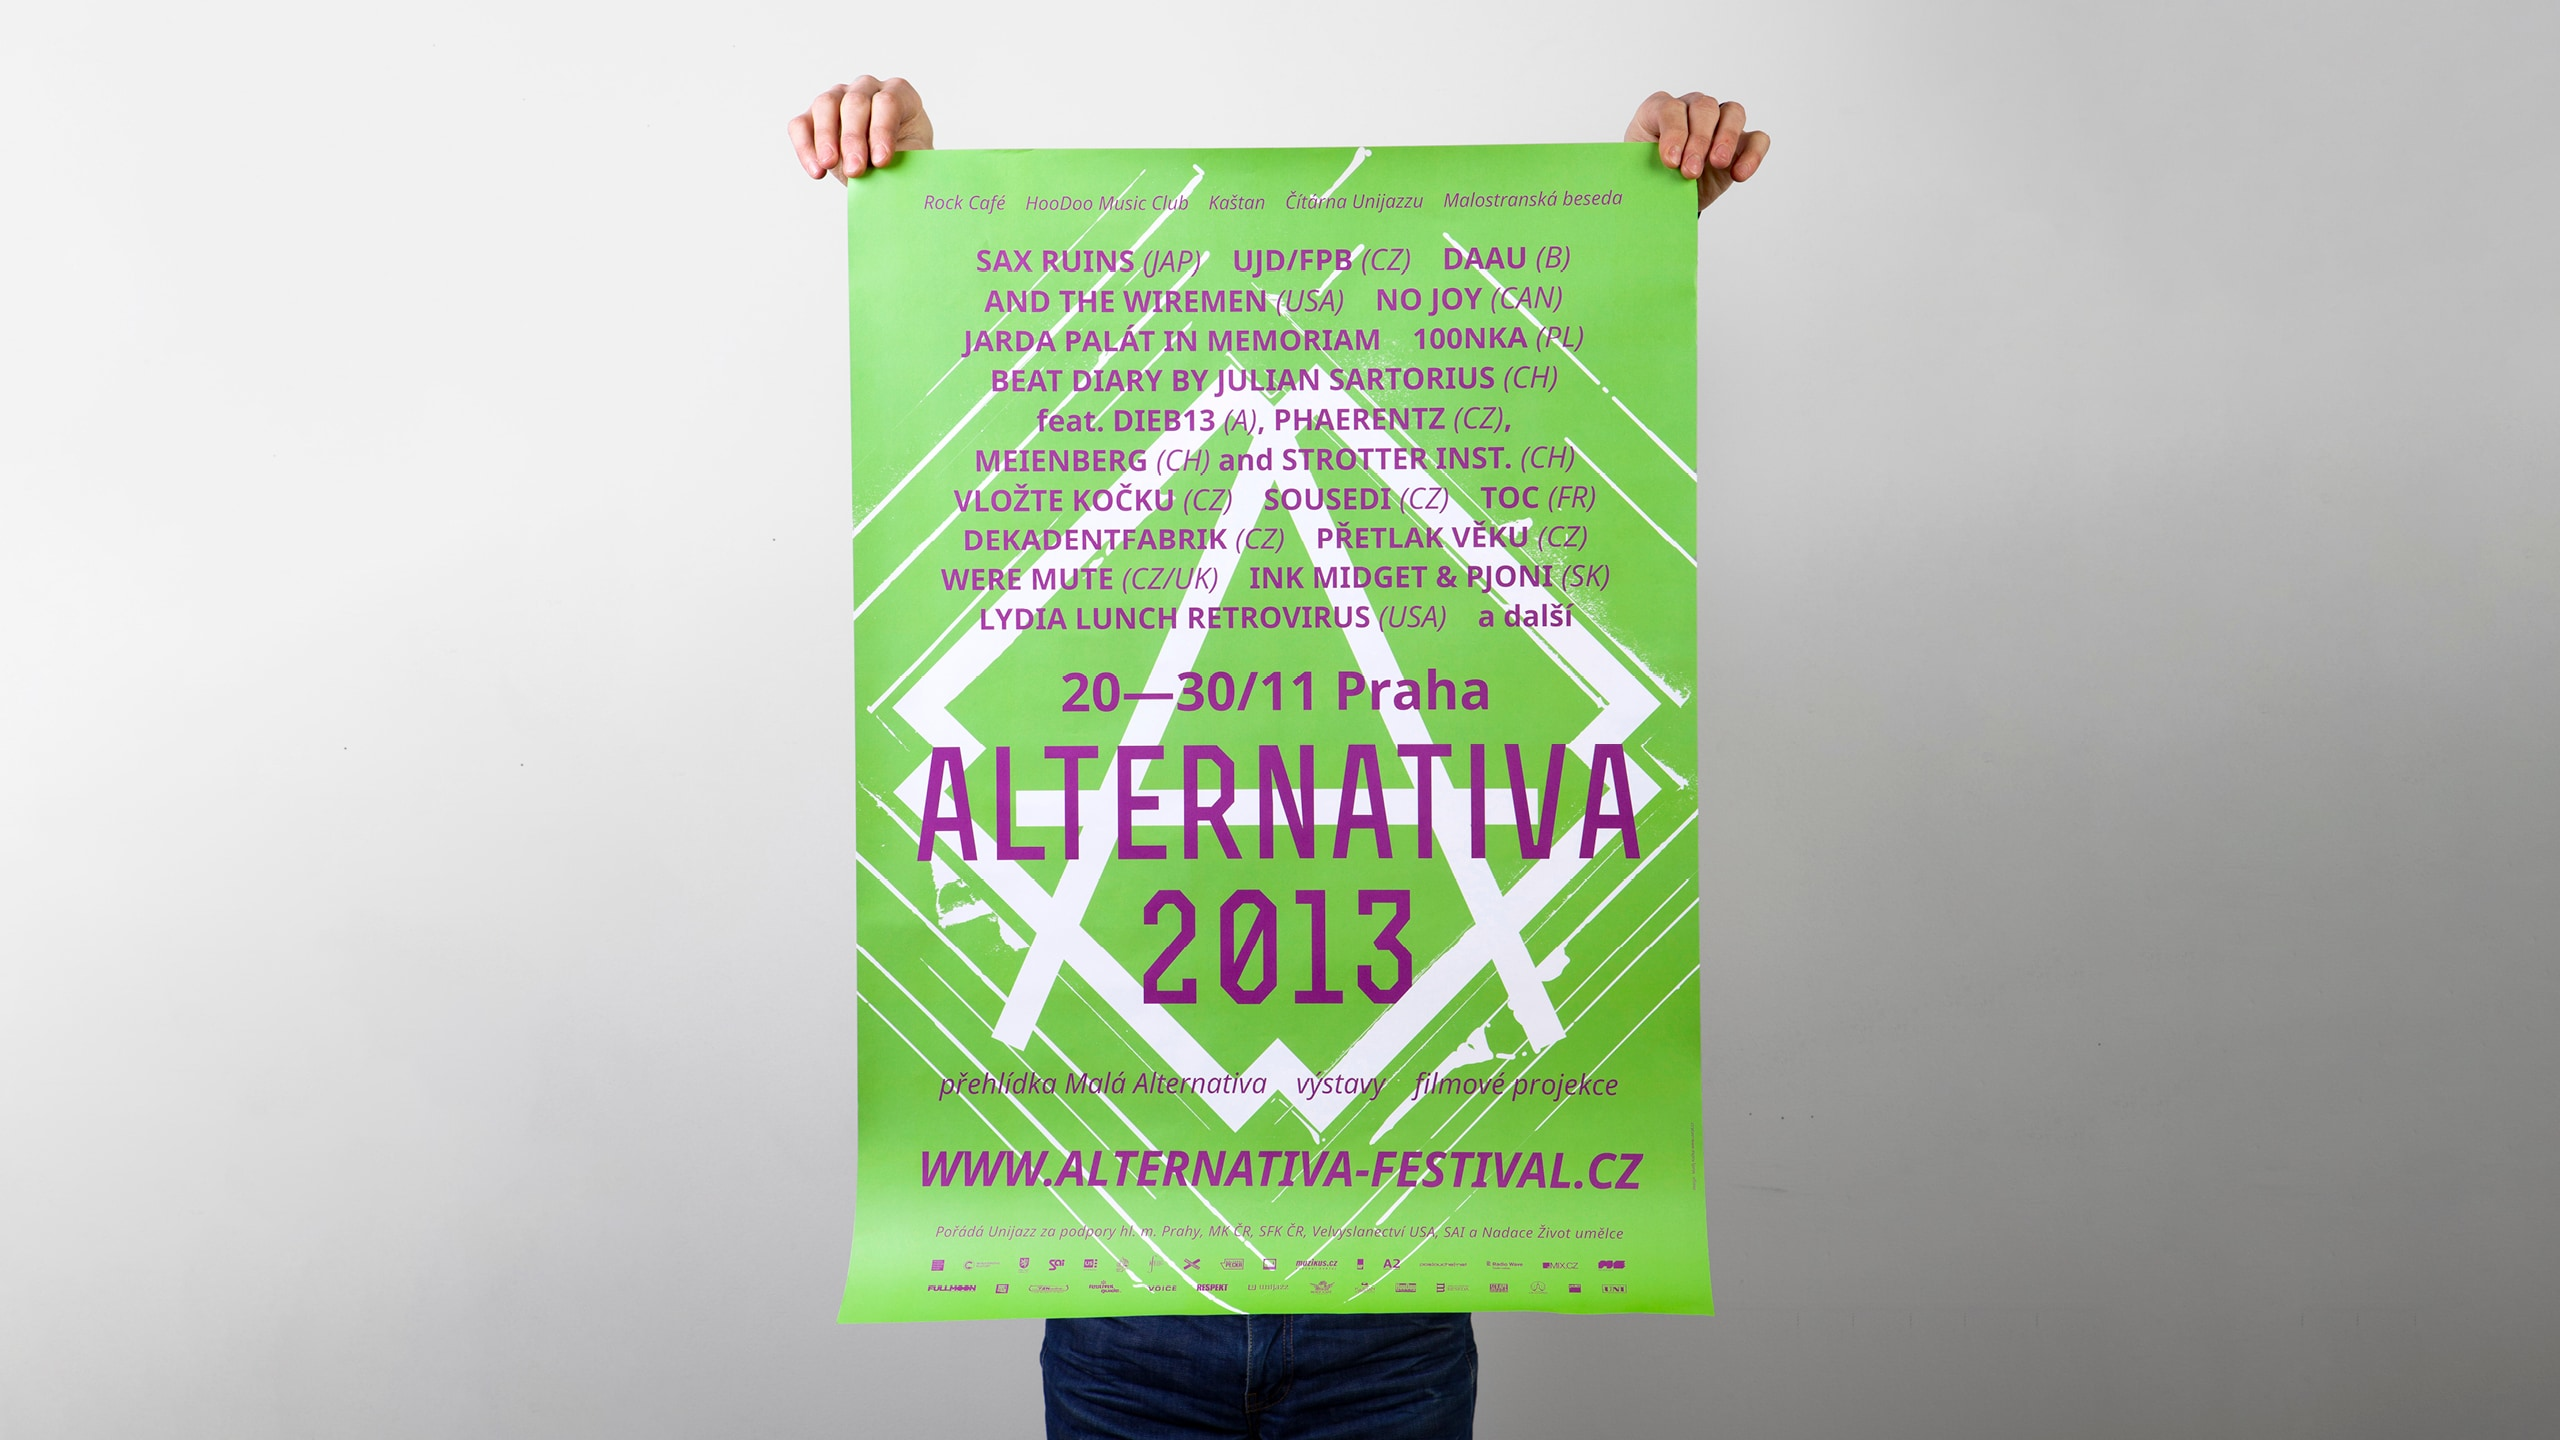 Alternativa_2013_1